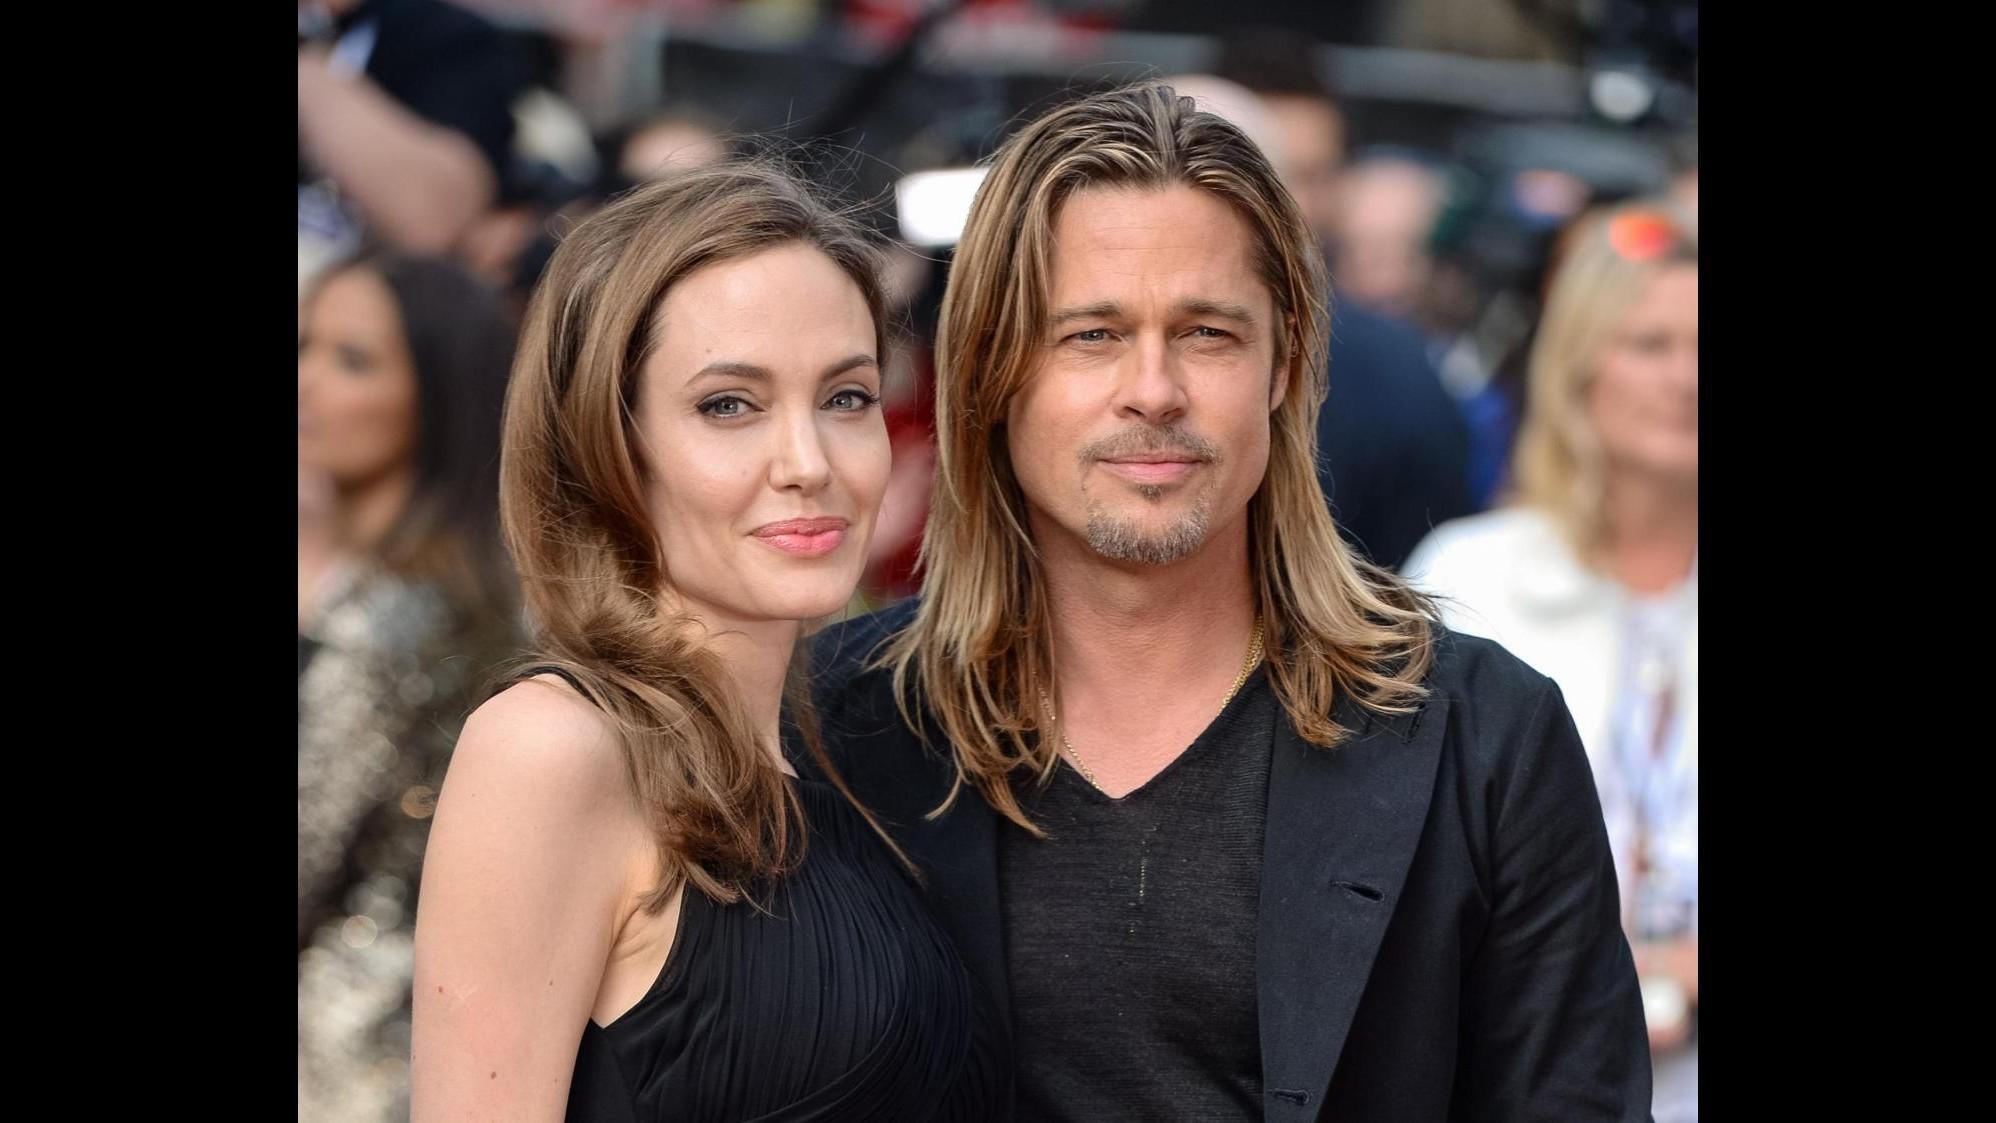 Il vino di Pitt e Jolie convince i critici e sbarca nei market britannici